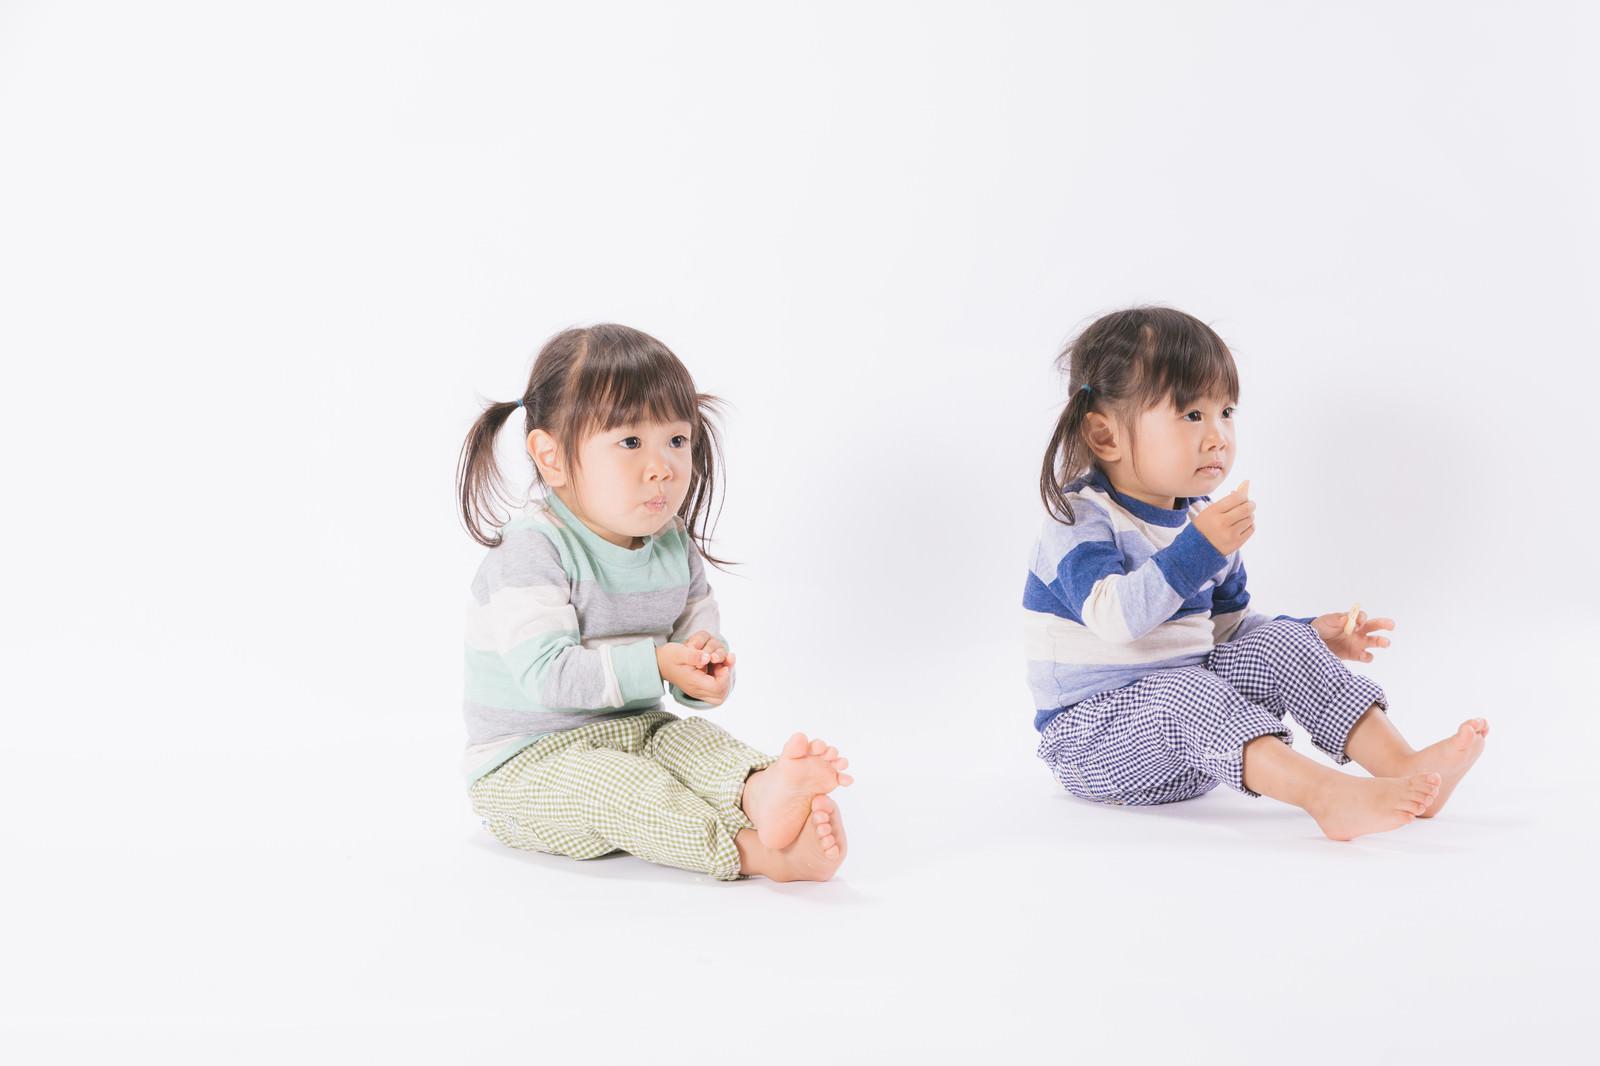 「お菓子を与えるとおとなしくなる子供たち(双子)」の写真[モデル:あおみどり]